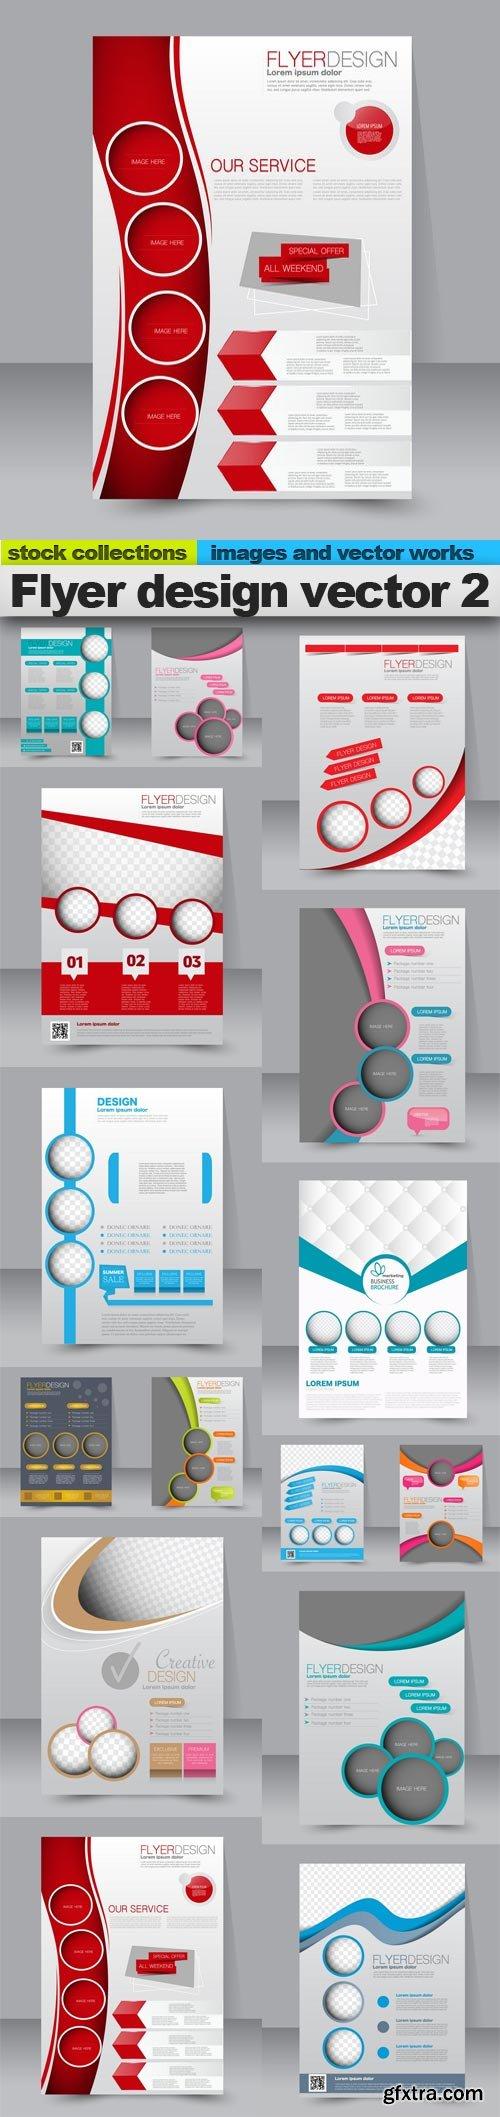 Flyer design vector 2, 15 x EPS